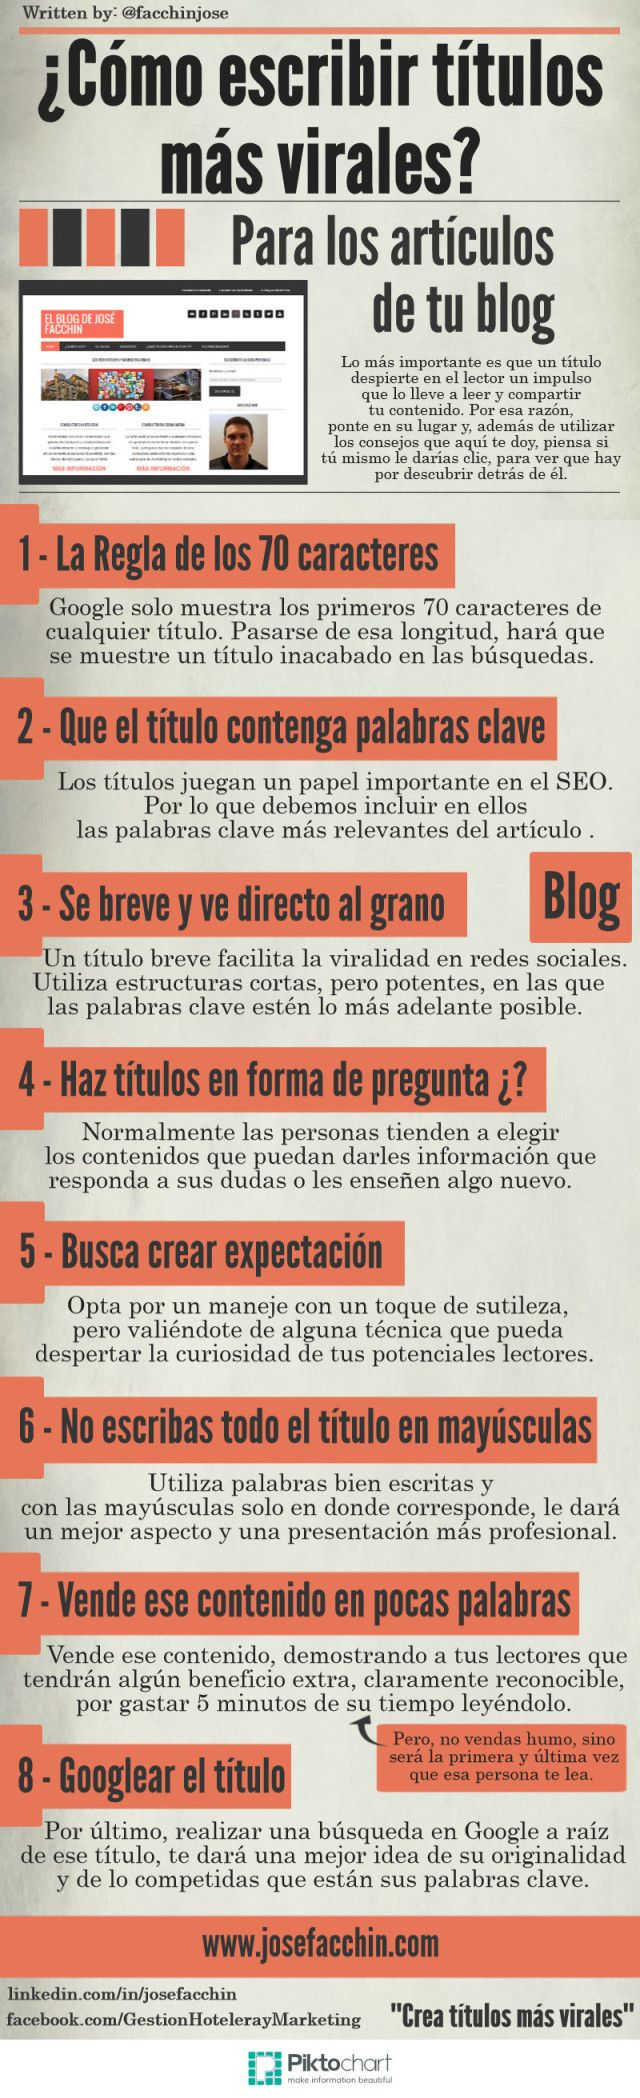 titulos_virales_blog